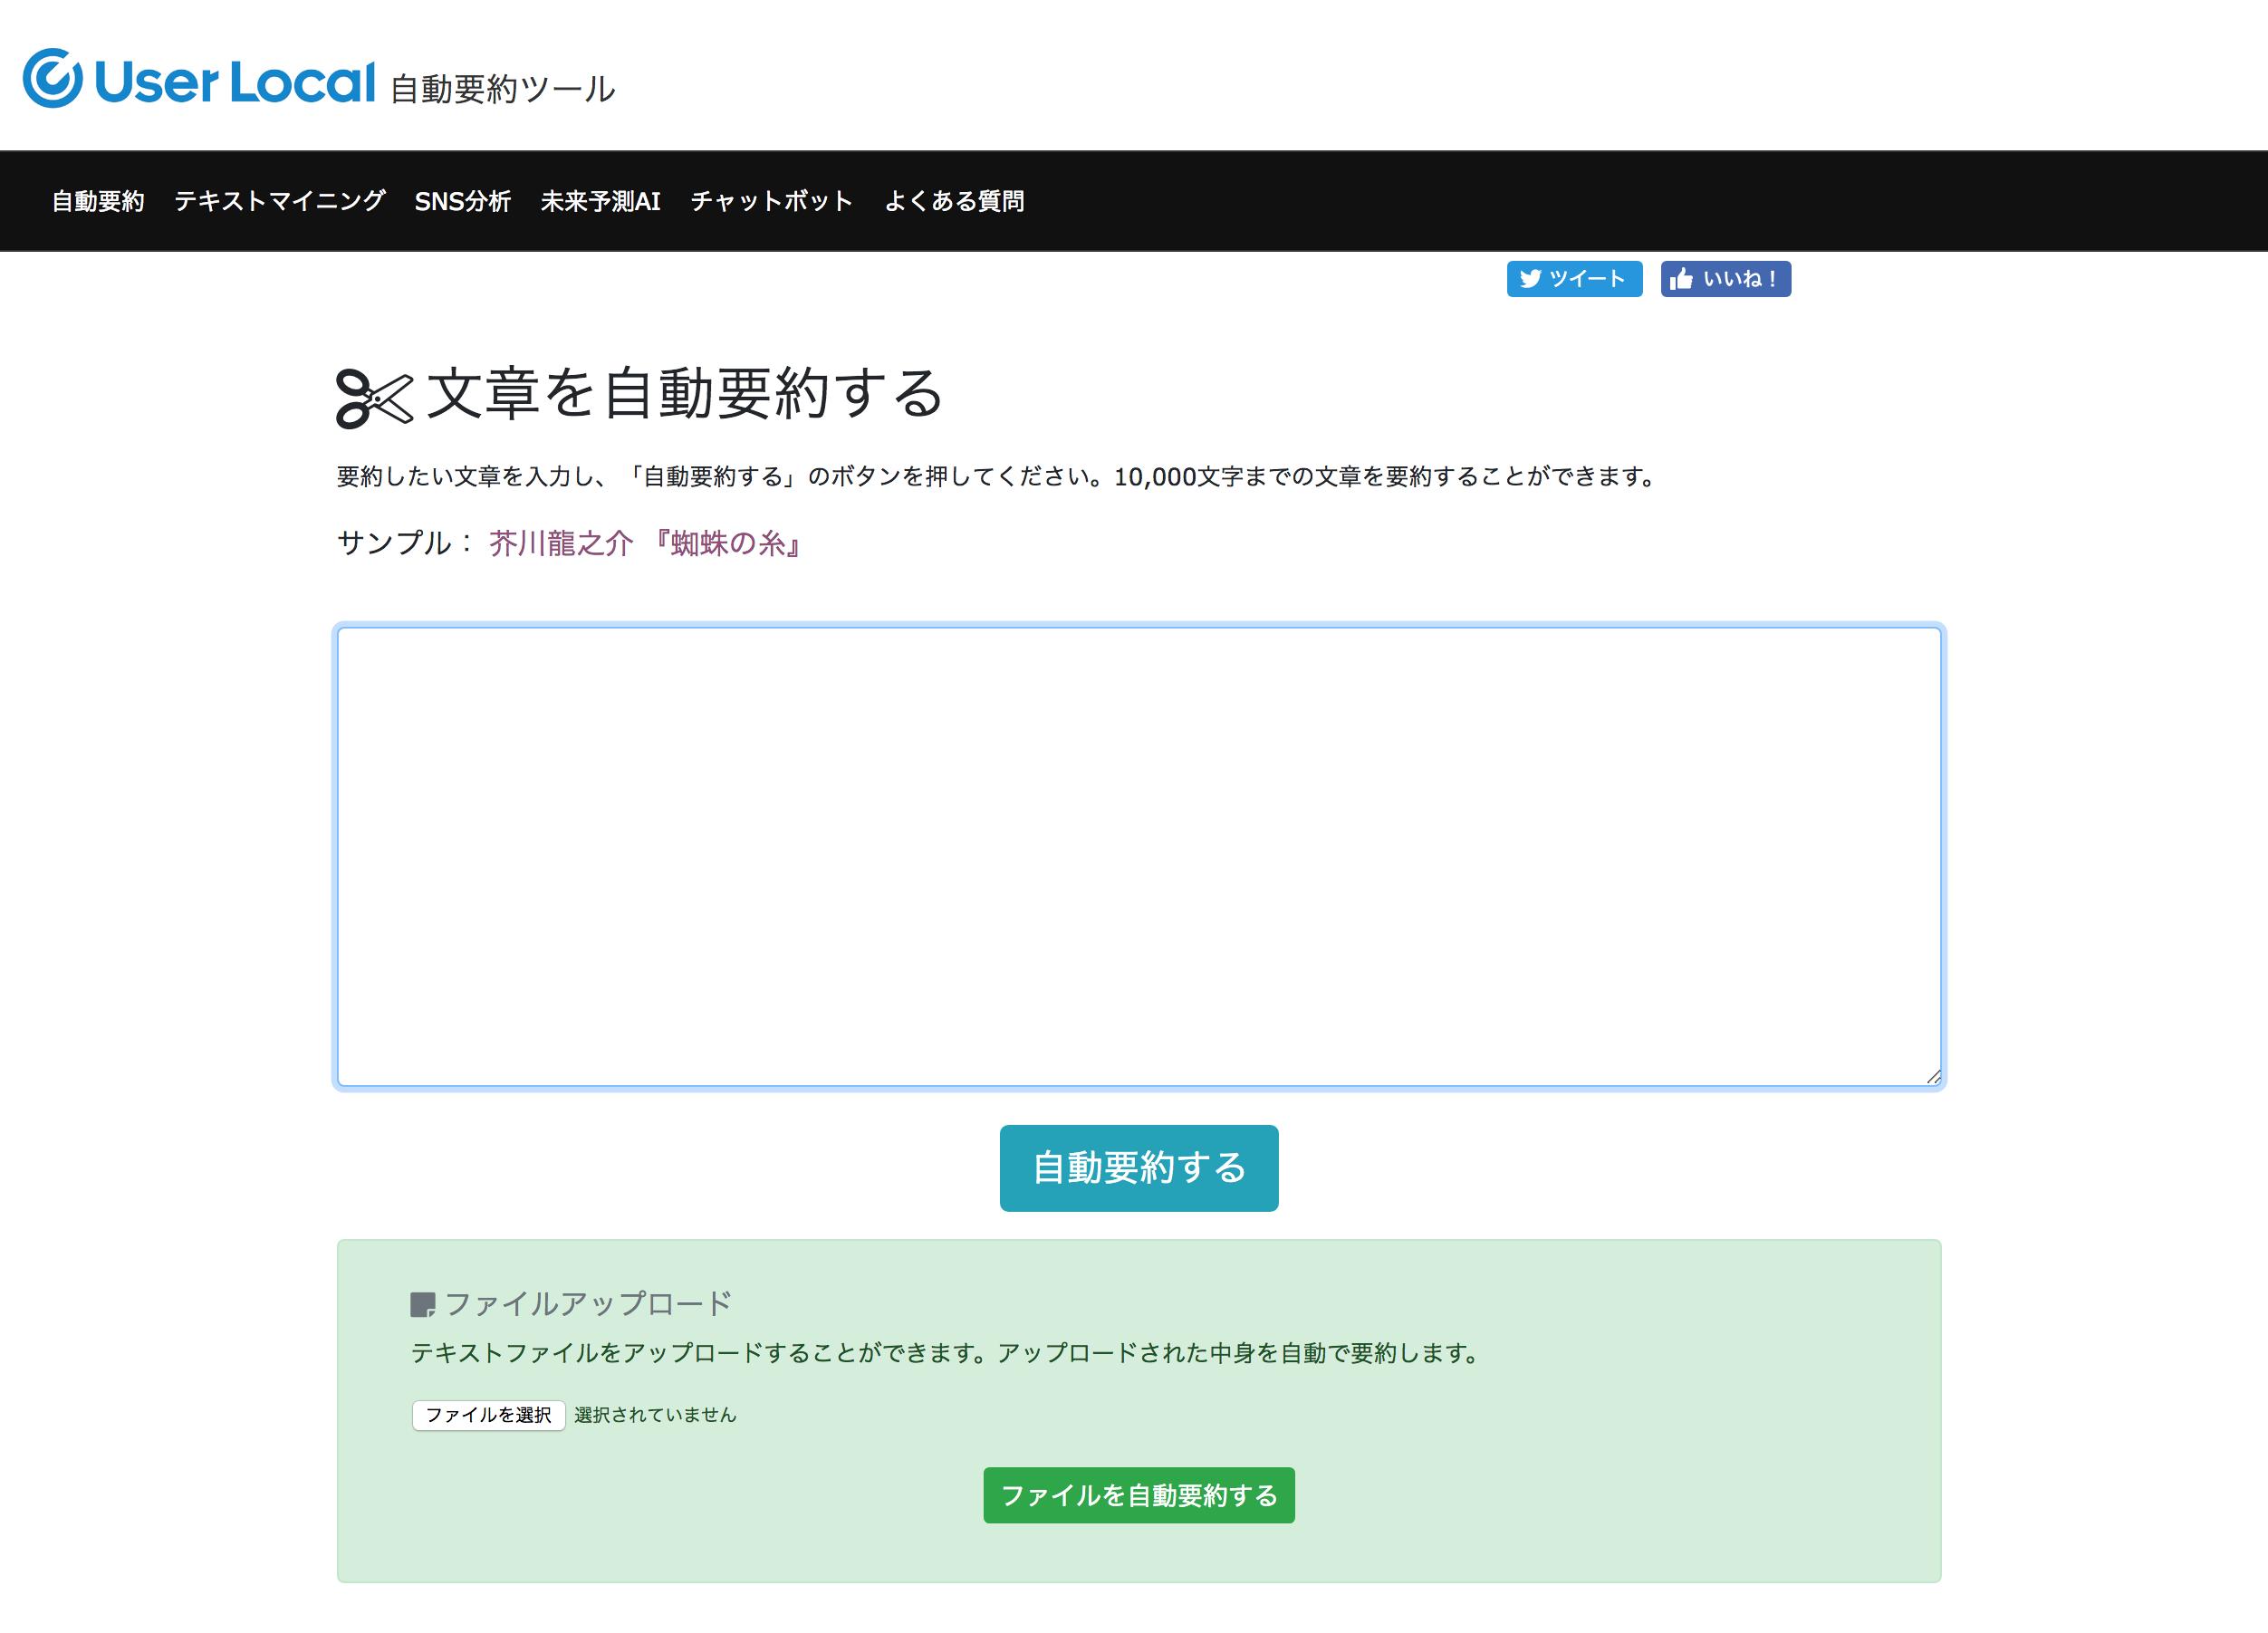 ウェブサイト「ユーザーローカル自動要約ツール」